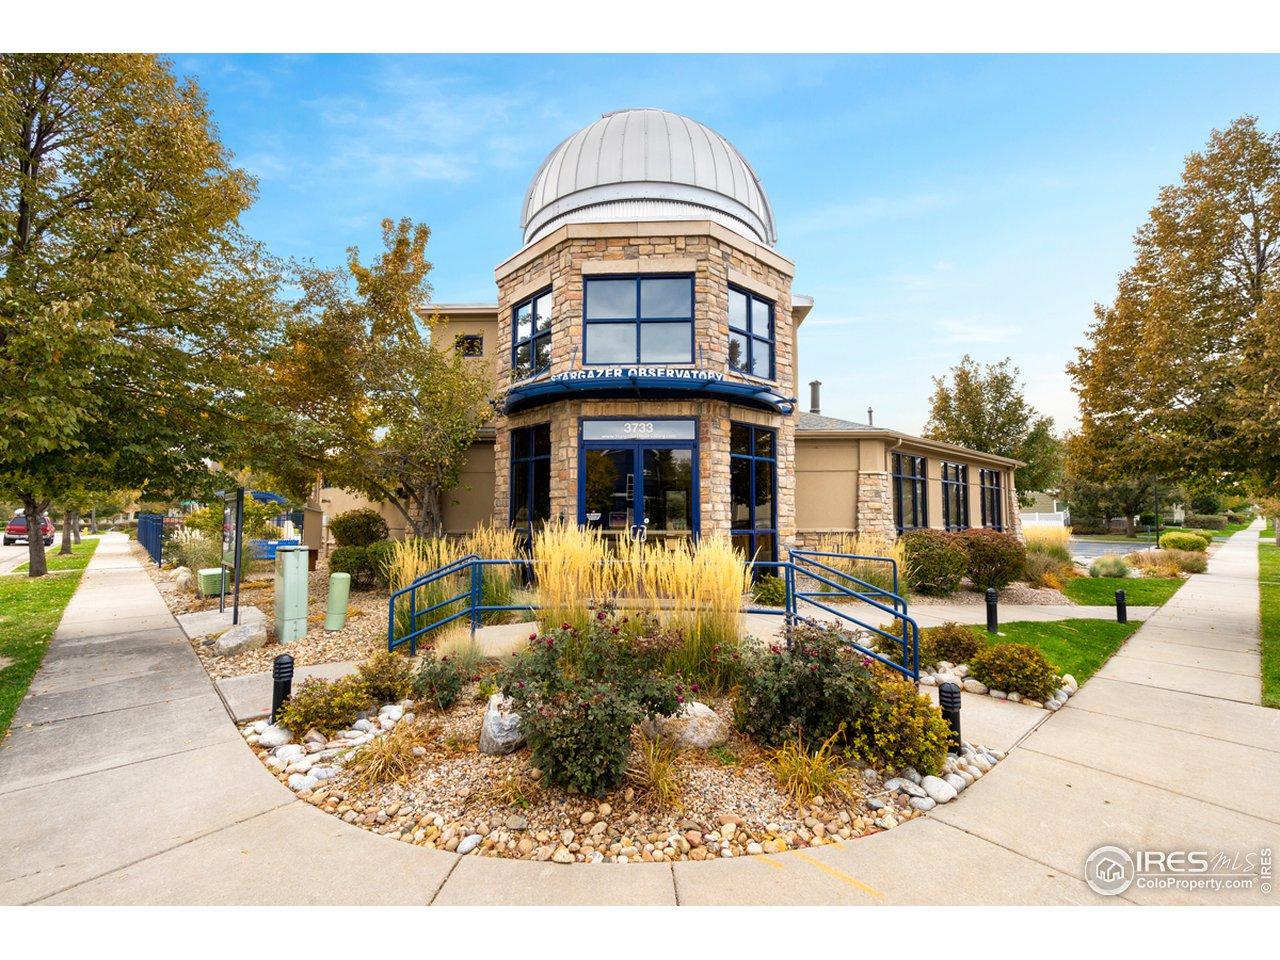 Neighborhood observatory and pool